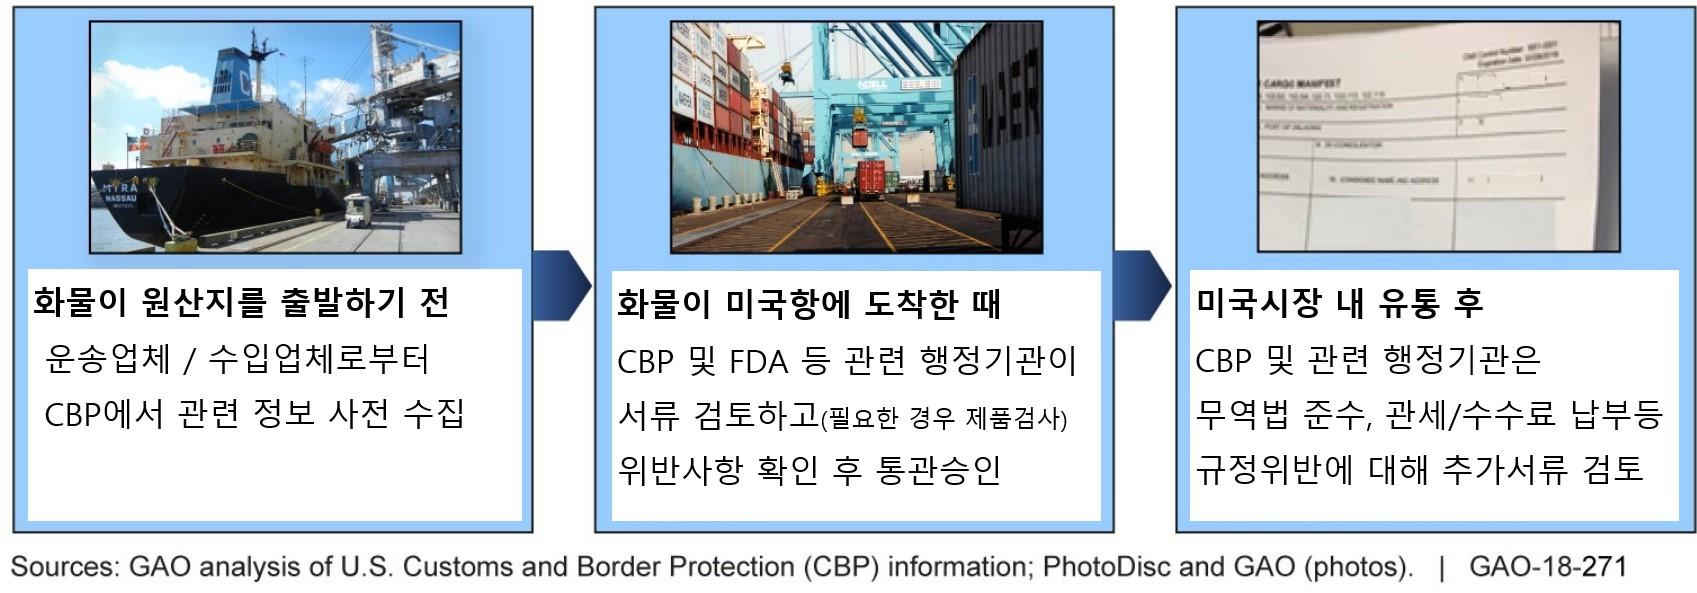 CBP의 3단계 수입통관 절차